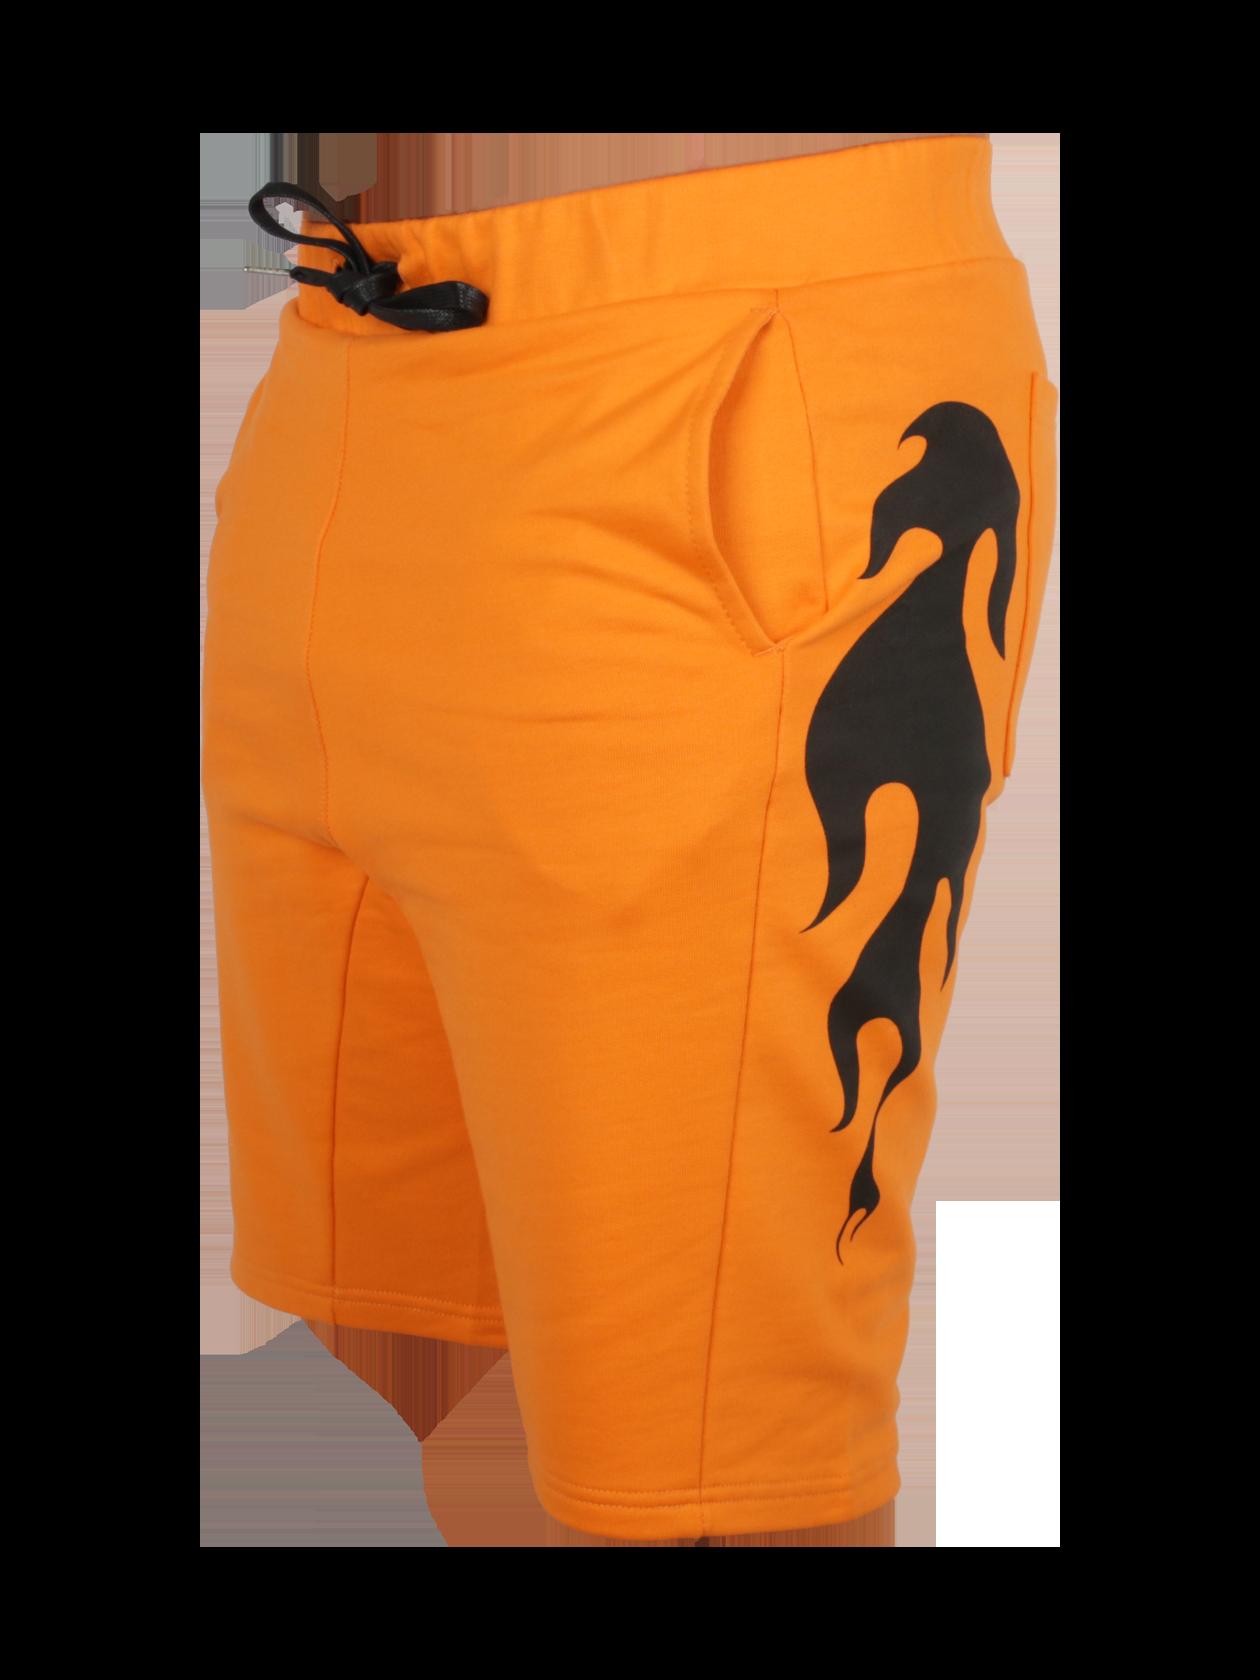 Шорты  FIRE FLAMEШорты Fire Flame из новой коллекции Orange Flame для энергичных и ярких молодых людей. Сочный оранжевый цвет, в котором представлена модель, зарядит позитивом и заметно выделит из толпы. Изделие прямого кроя с длиной чуть выше колен идеально подходит для спорта и отдыха. Дизайн дополнен накладными задними и внутренними боковыми карманами, широким поясом на резинке и завязках. Эффектные принты в виде языков пламени по бокам придают шортам особого стиля. Одно из преимуществ вещи – 100% хлопок премиального качества, обеспечивающий долговечность и практичность.<br><br>Размер: S<br>Цвет: Оранжевый<br>Пол: Мужской